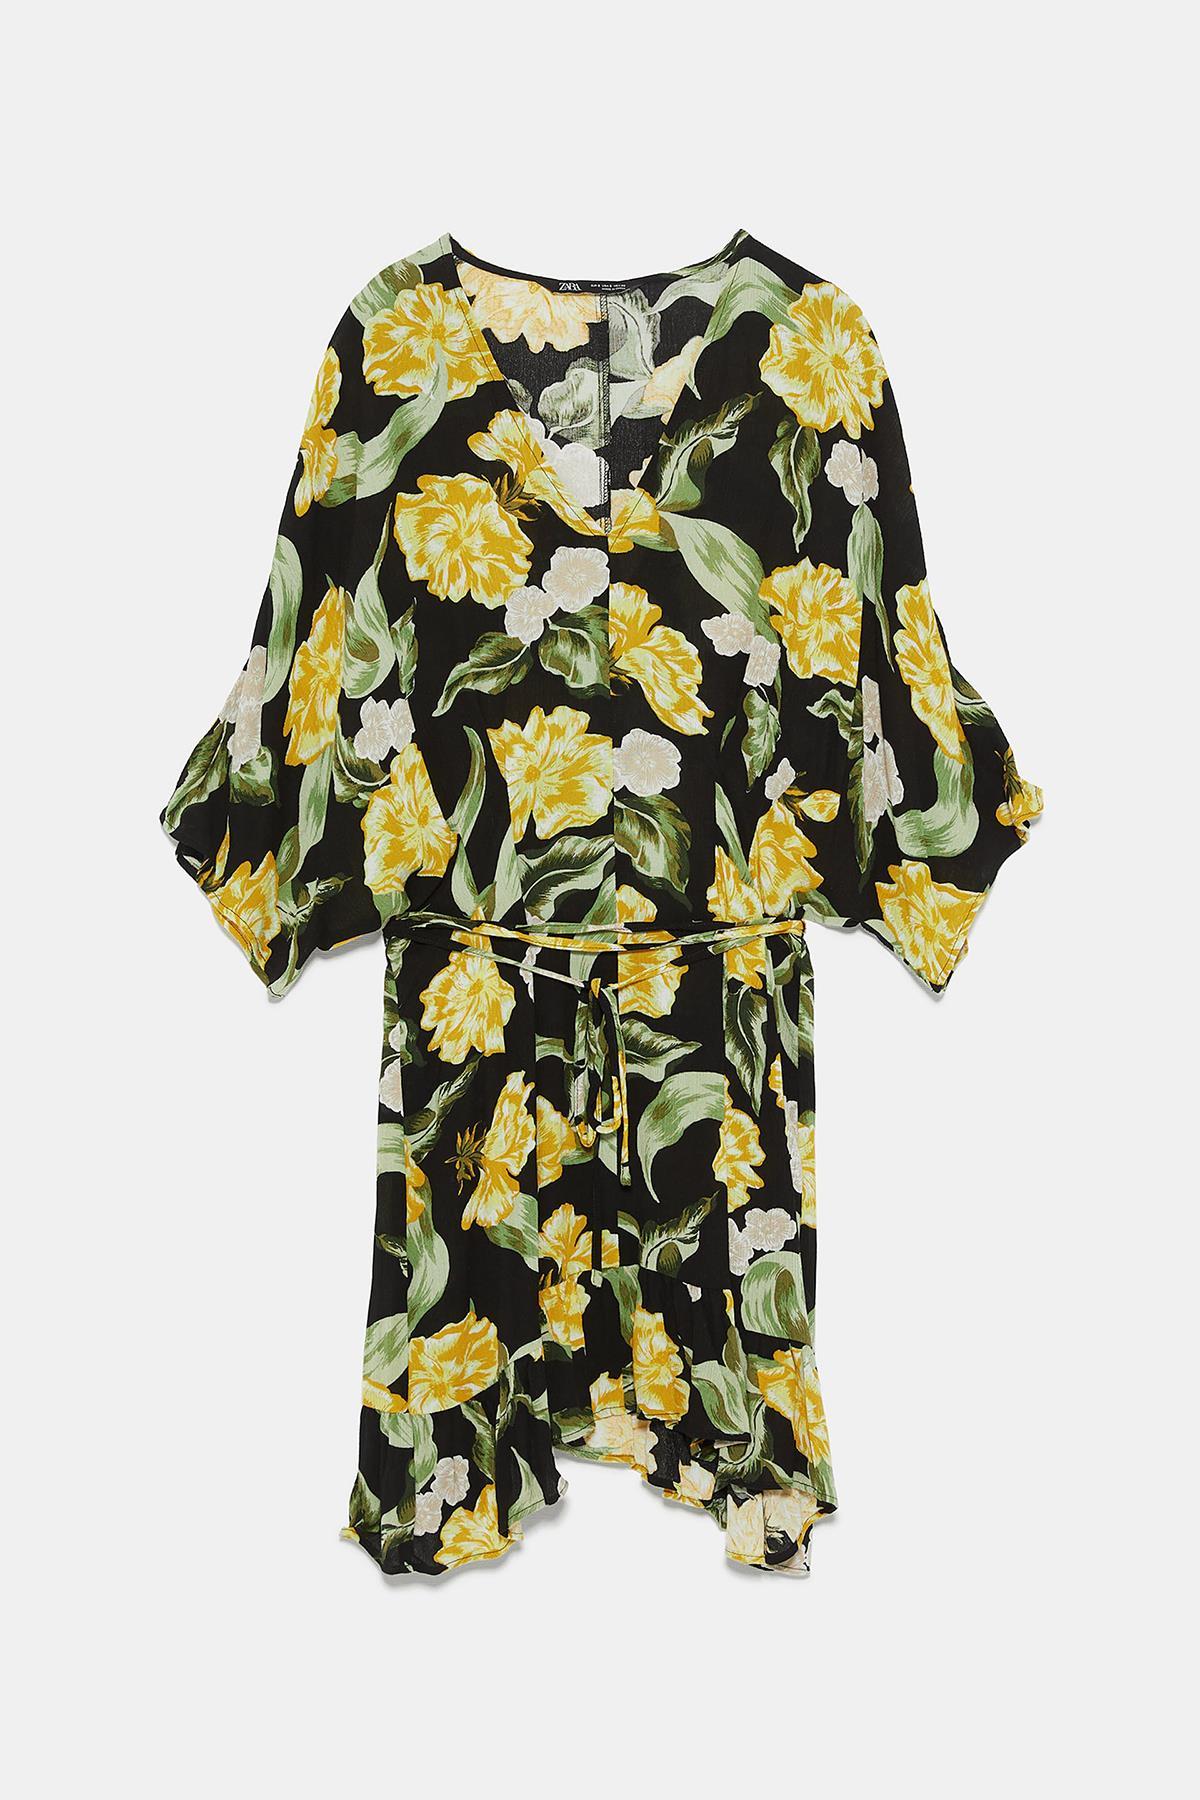 ea7a2fa2a1 Vestidos Zara colección primavera 2019  selección de los más bonitos ...